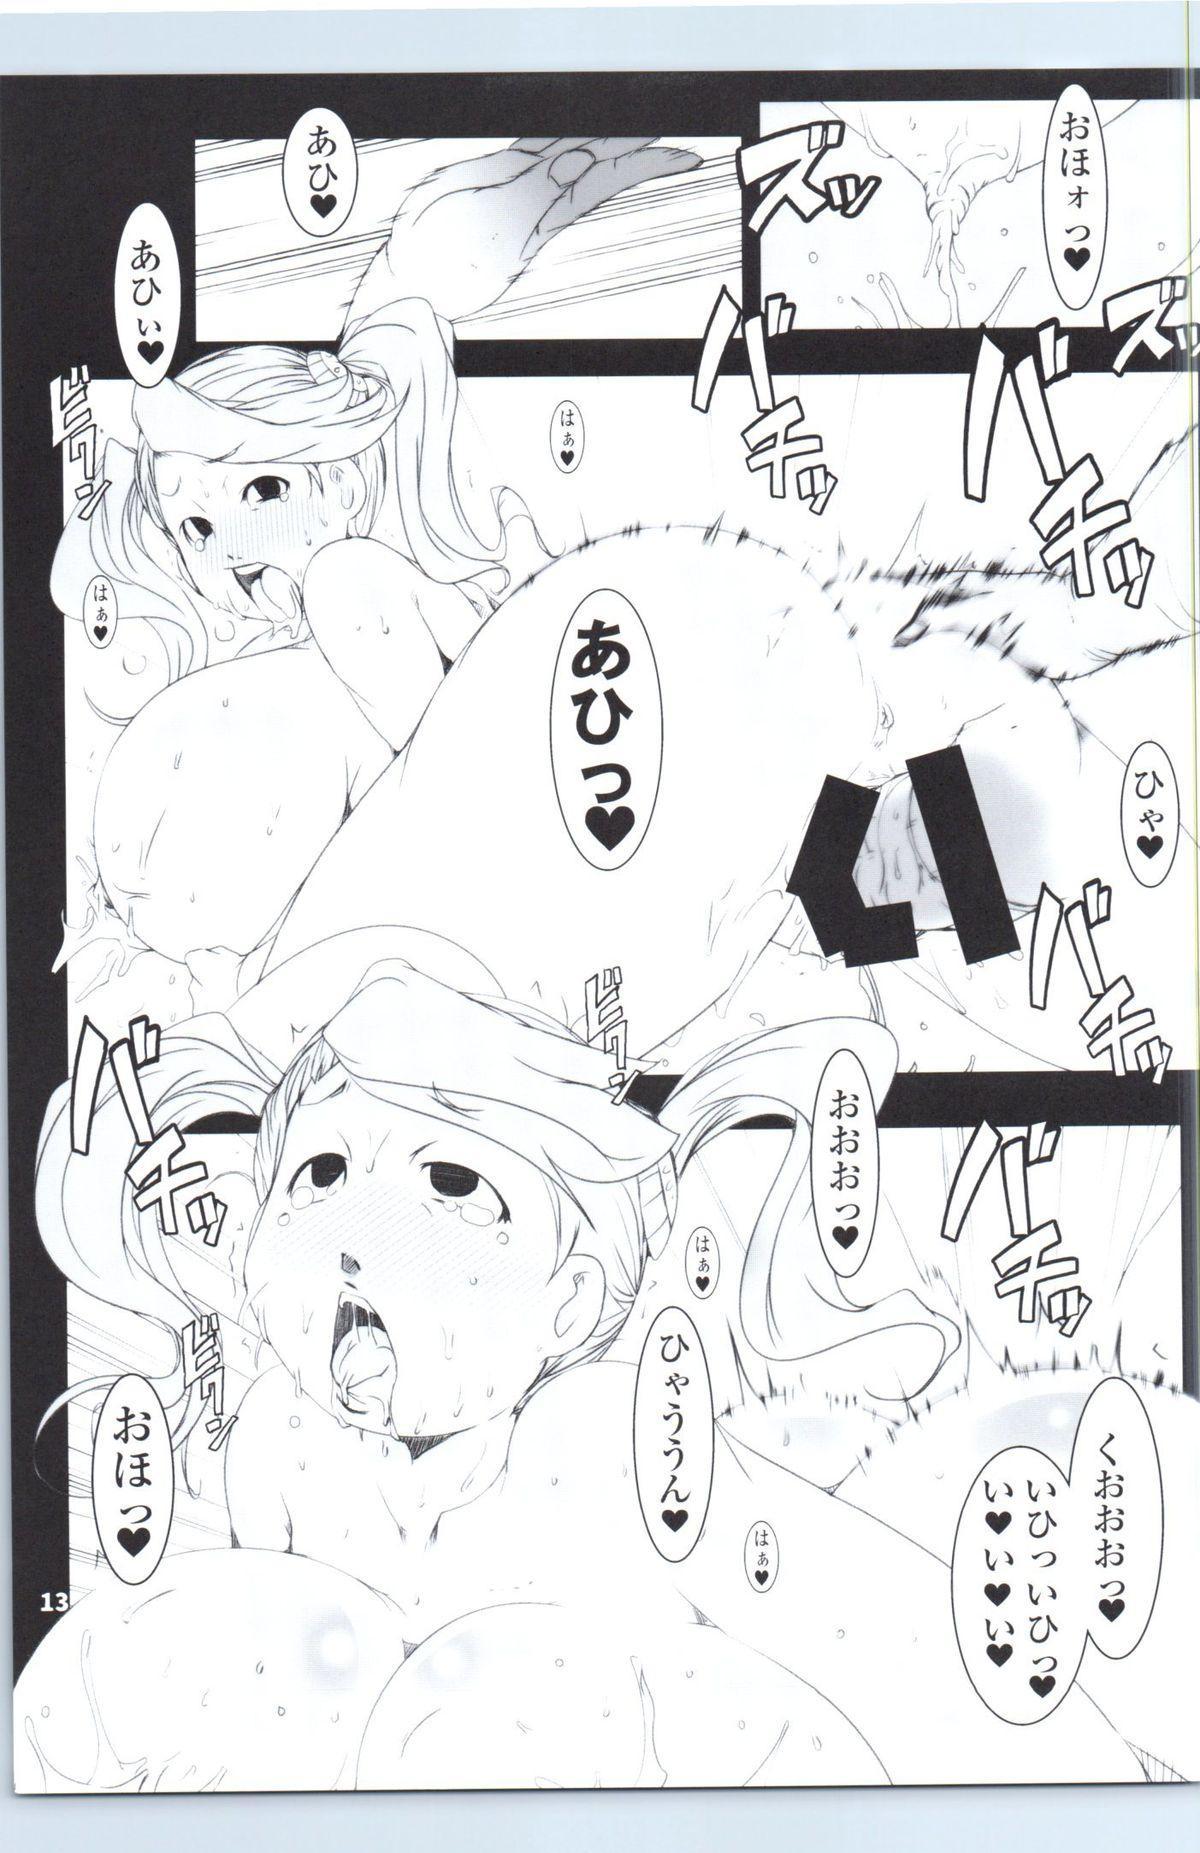 Saiin Gyanko Nakadashi Sakunyuu Try 11